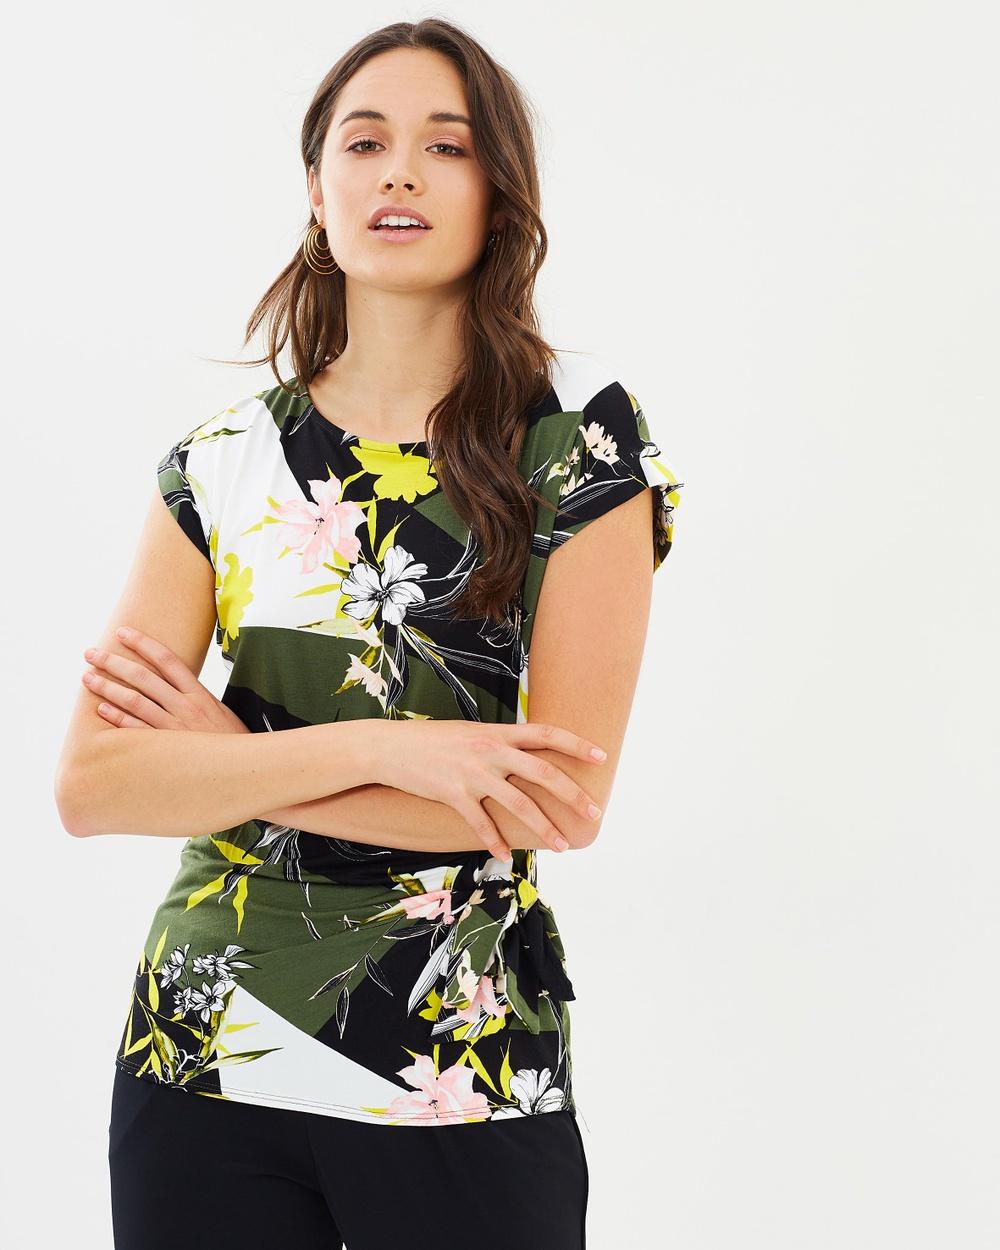 Wallis Zesty Geo Floral Tie Side Top Tops Khaki Olive Zesty Geo Floral Tie Side Top